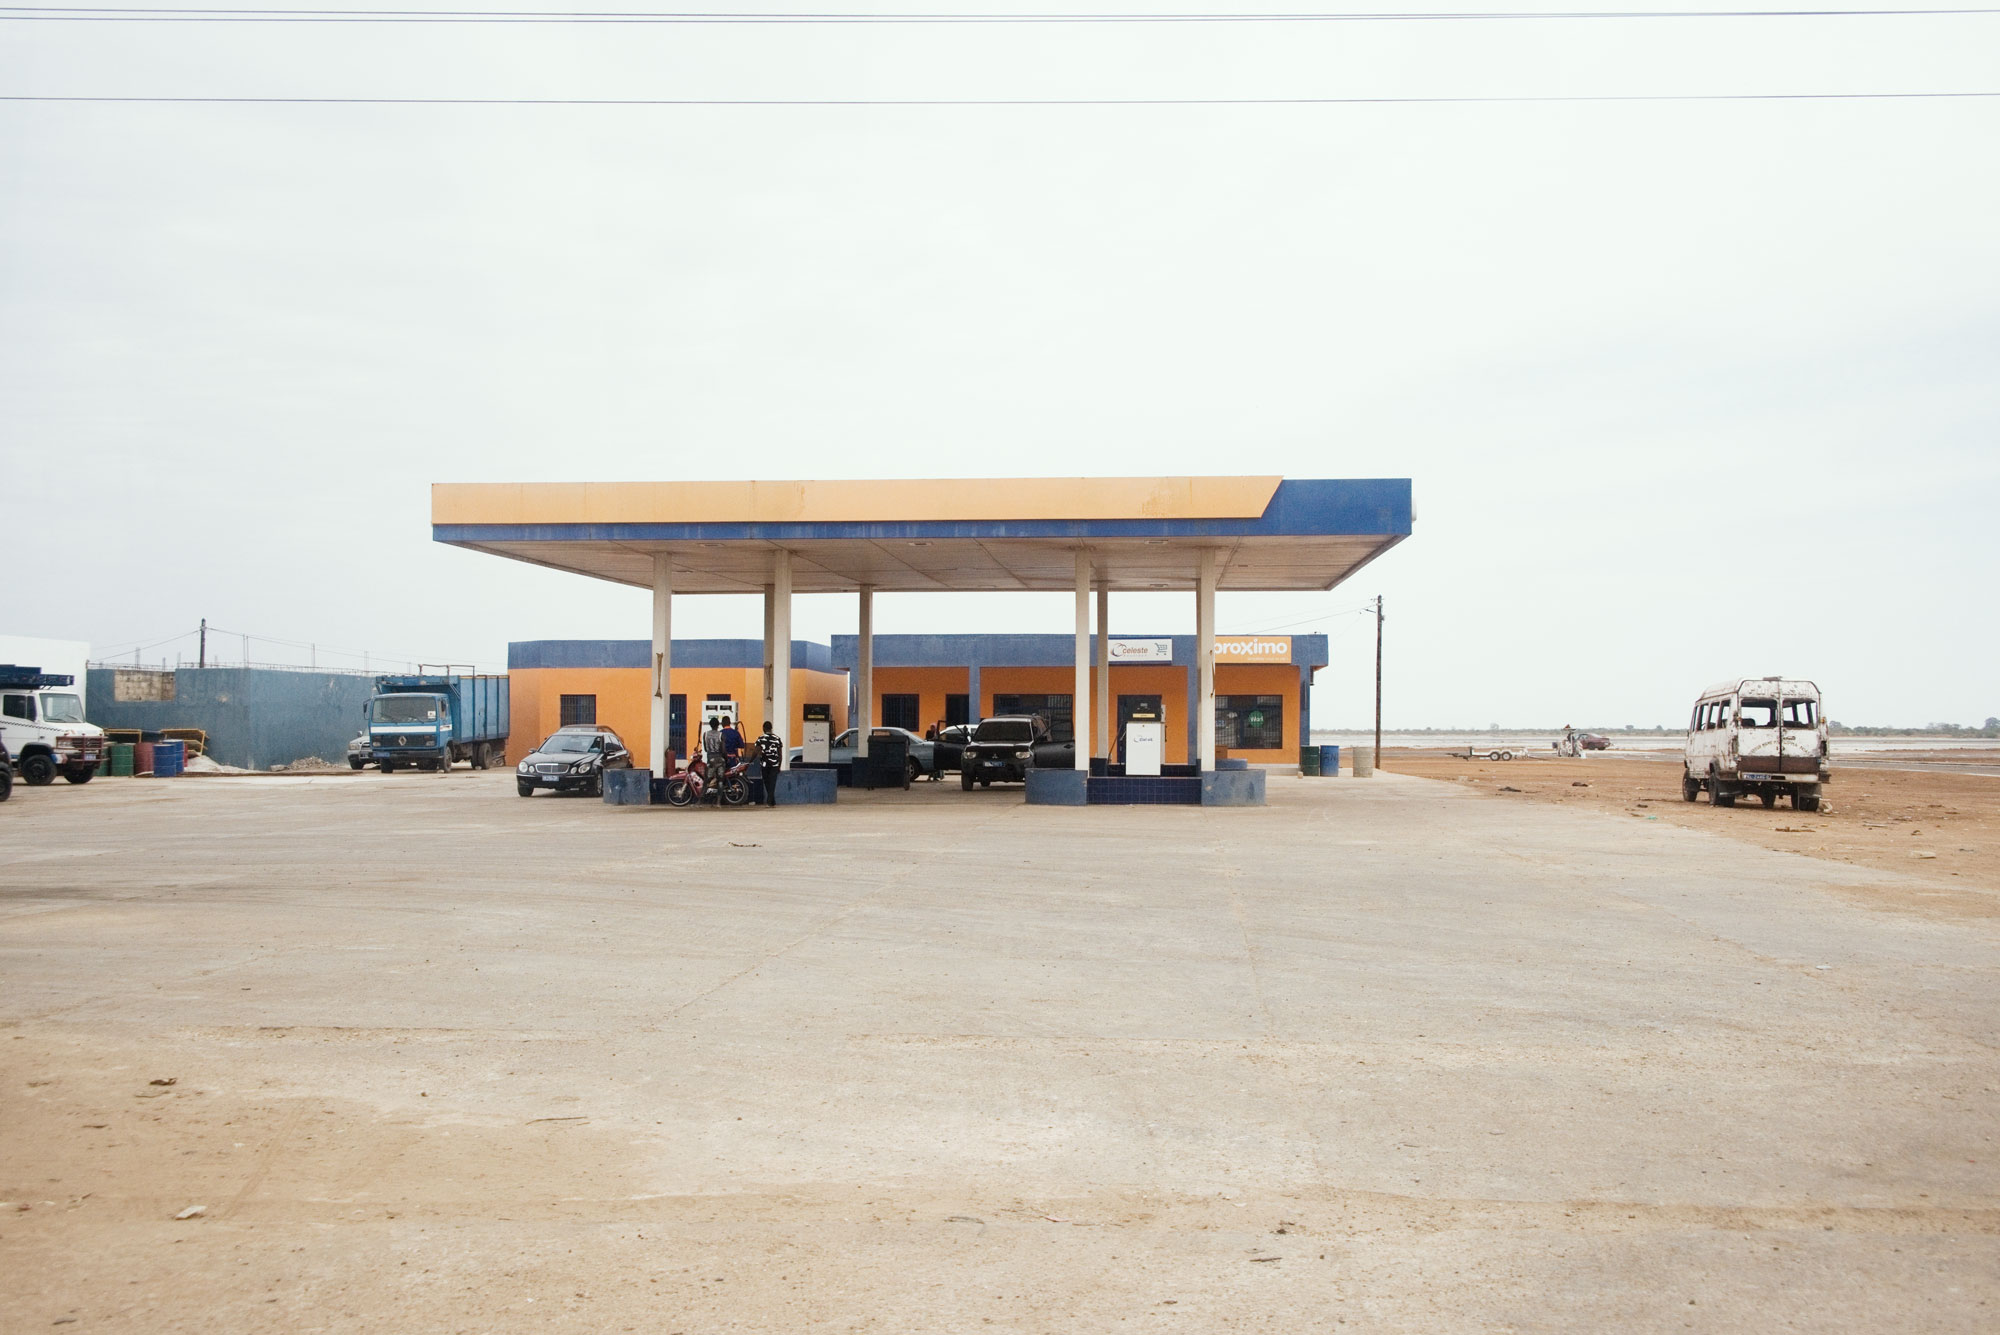 Tankstelle I | Senegal 2018